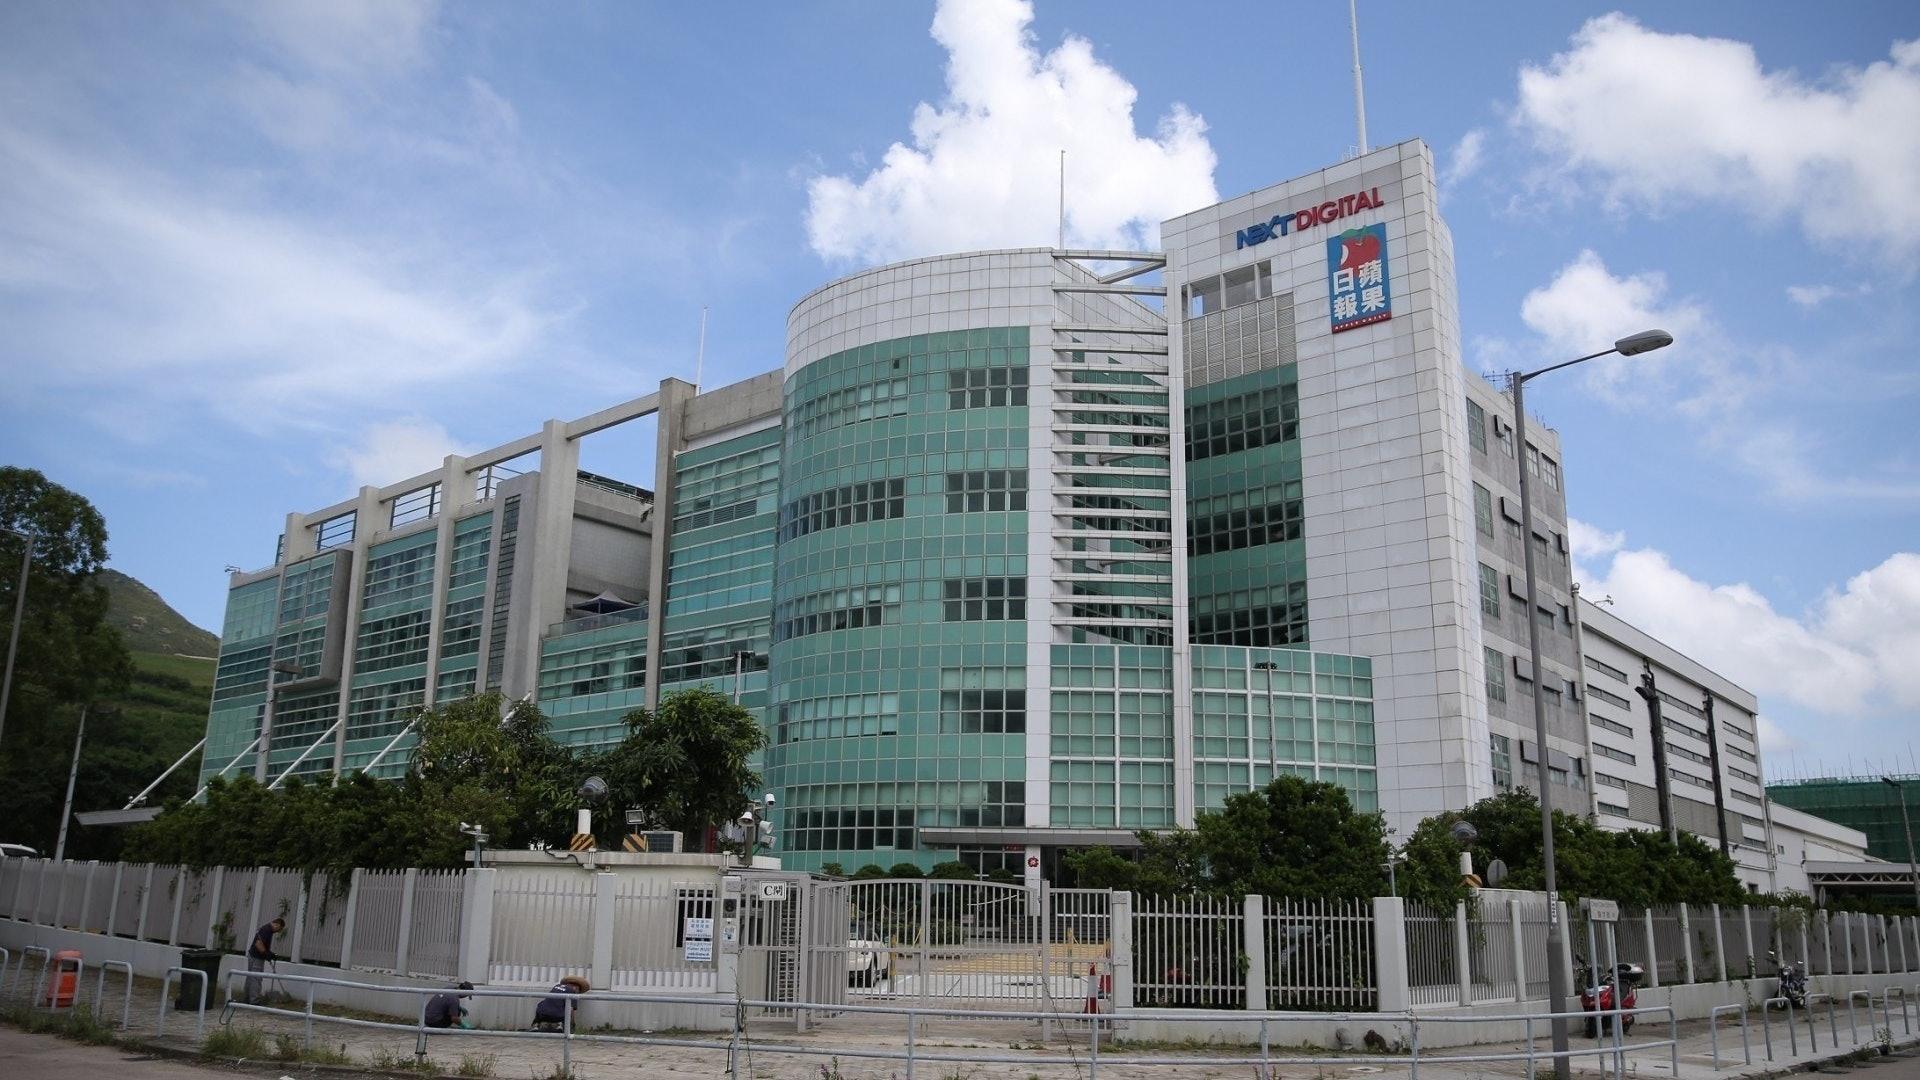 台灣壹週刊本月底結束營運壹傳媒股價暫跌0.4%|香港01|財經快訊